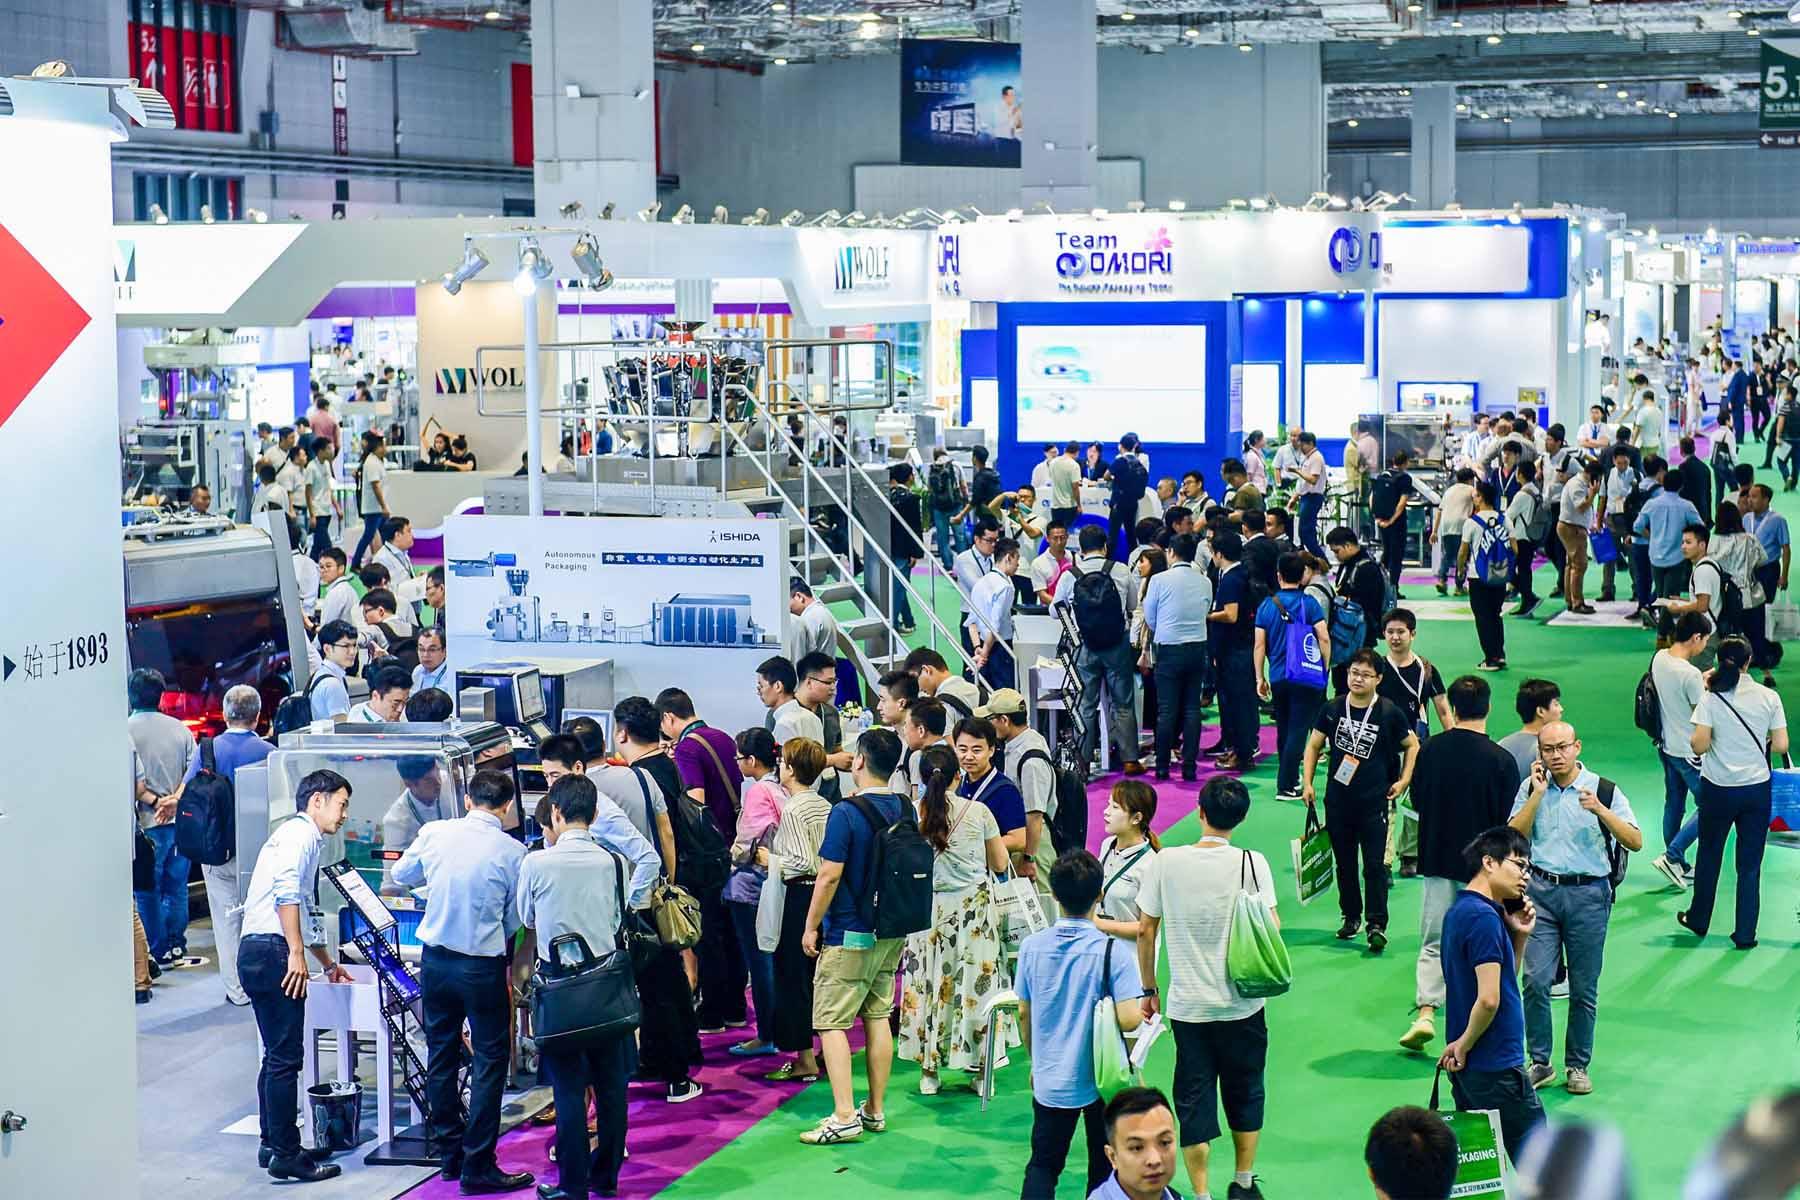 تور نمایشگاهی چین (گوانگجو)